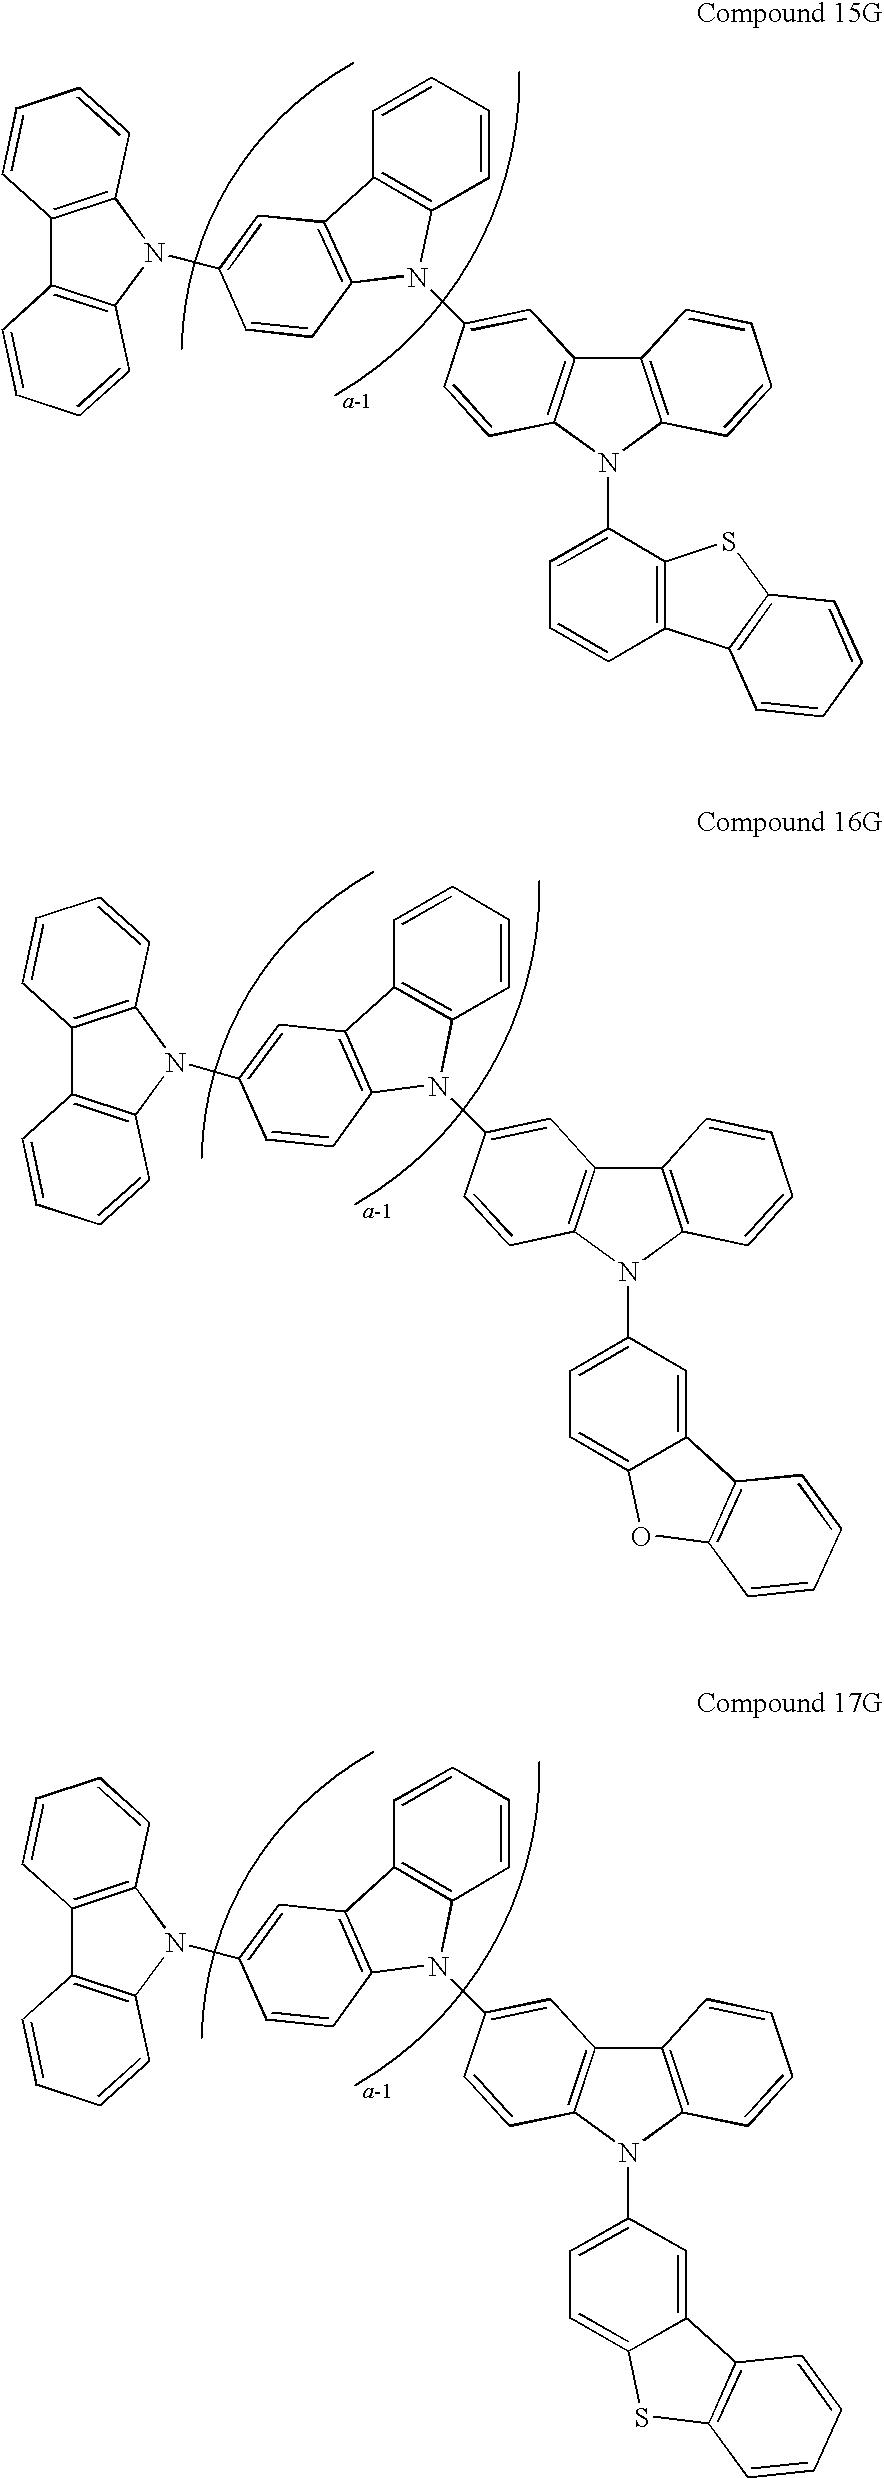 Figure US20090134784A1-20090528-C00204